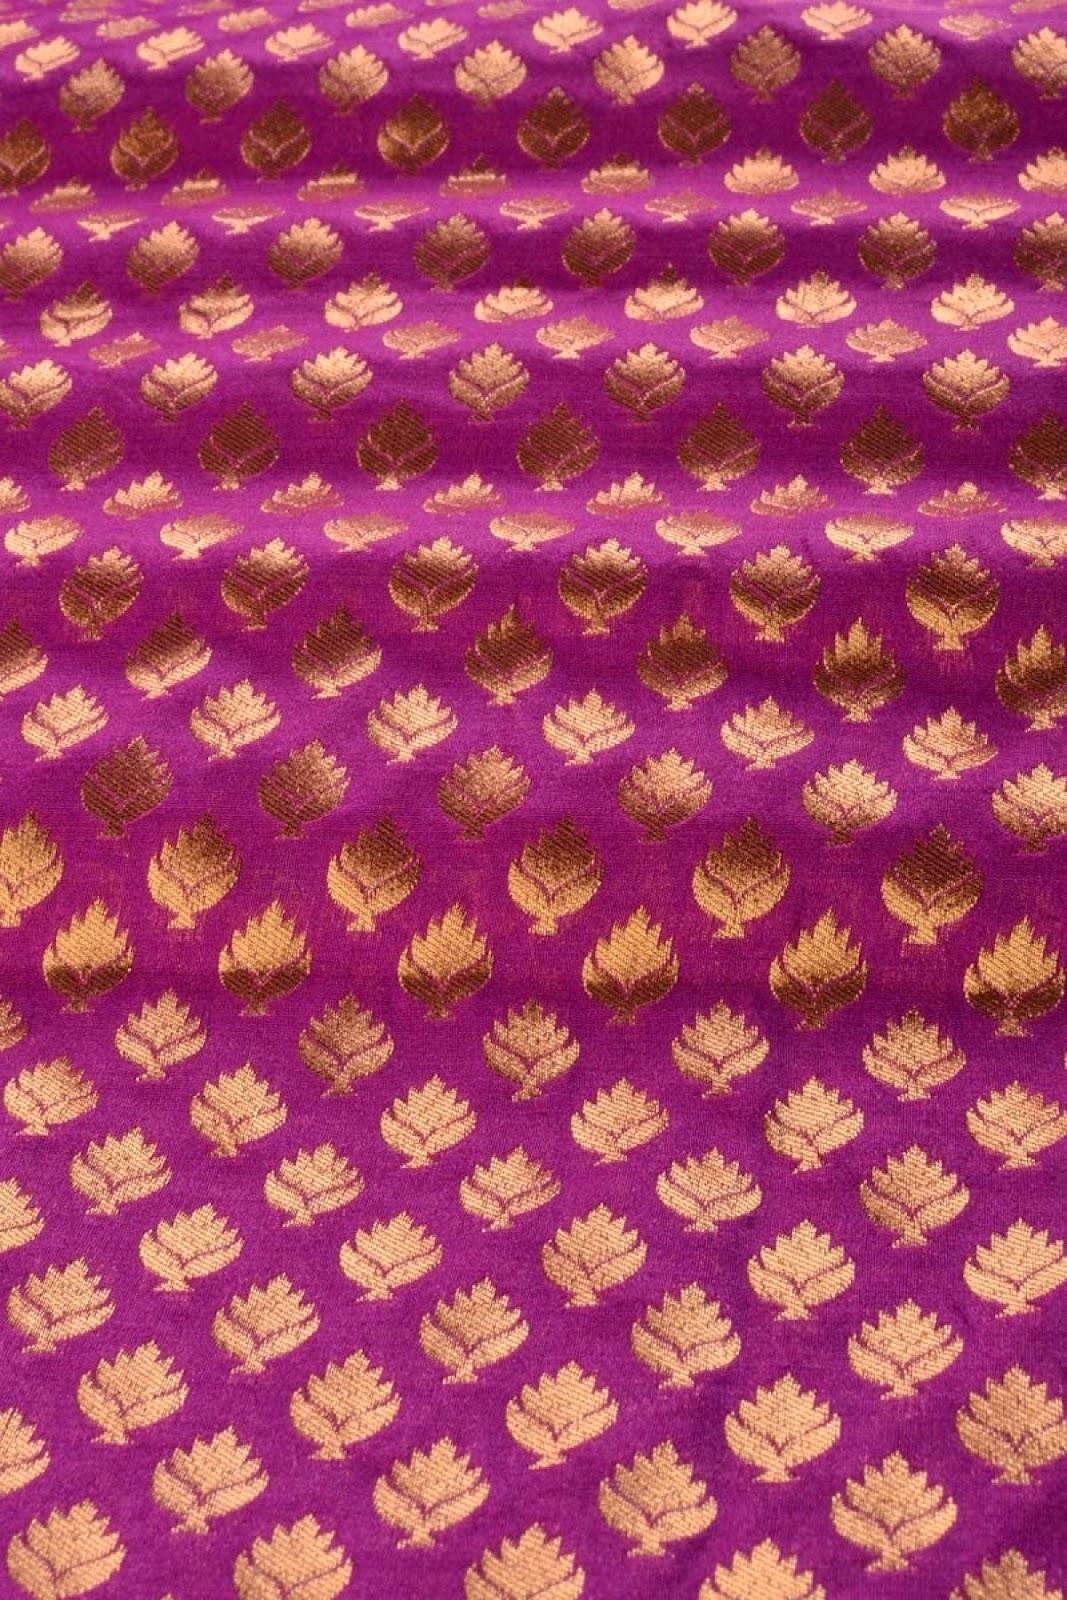 Banarasi Fabrics Best Banarasi Fabrics Online Buy